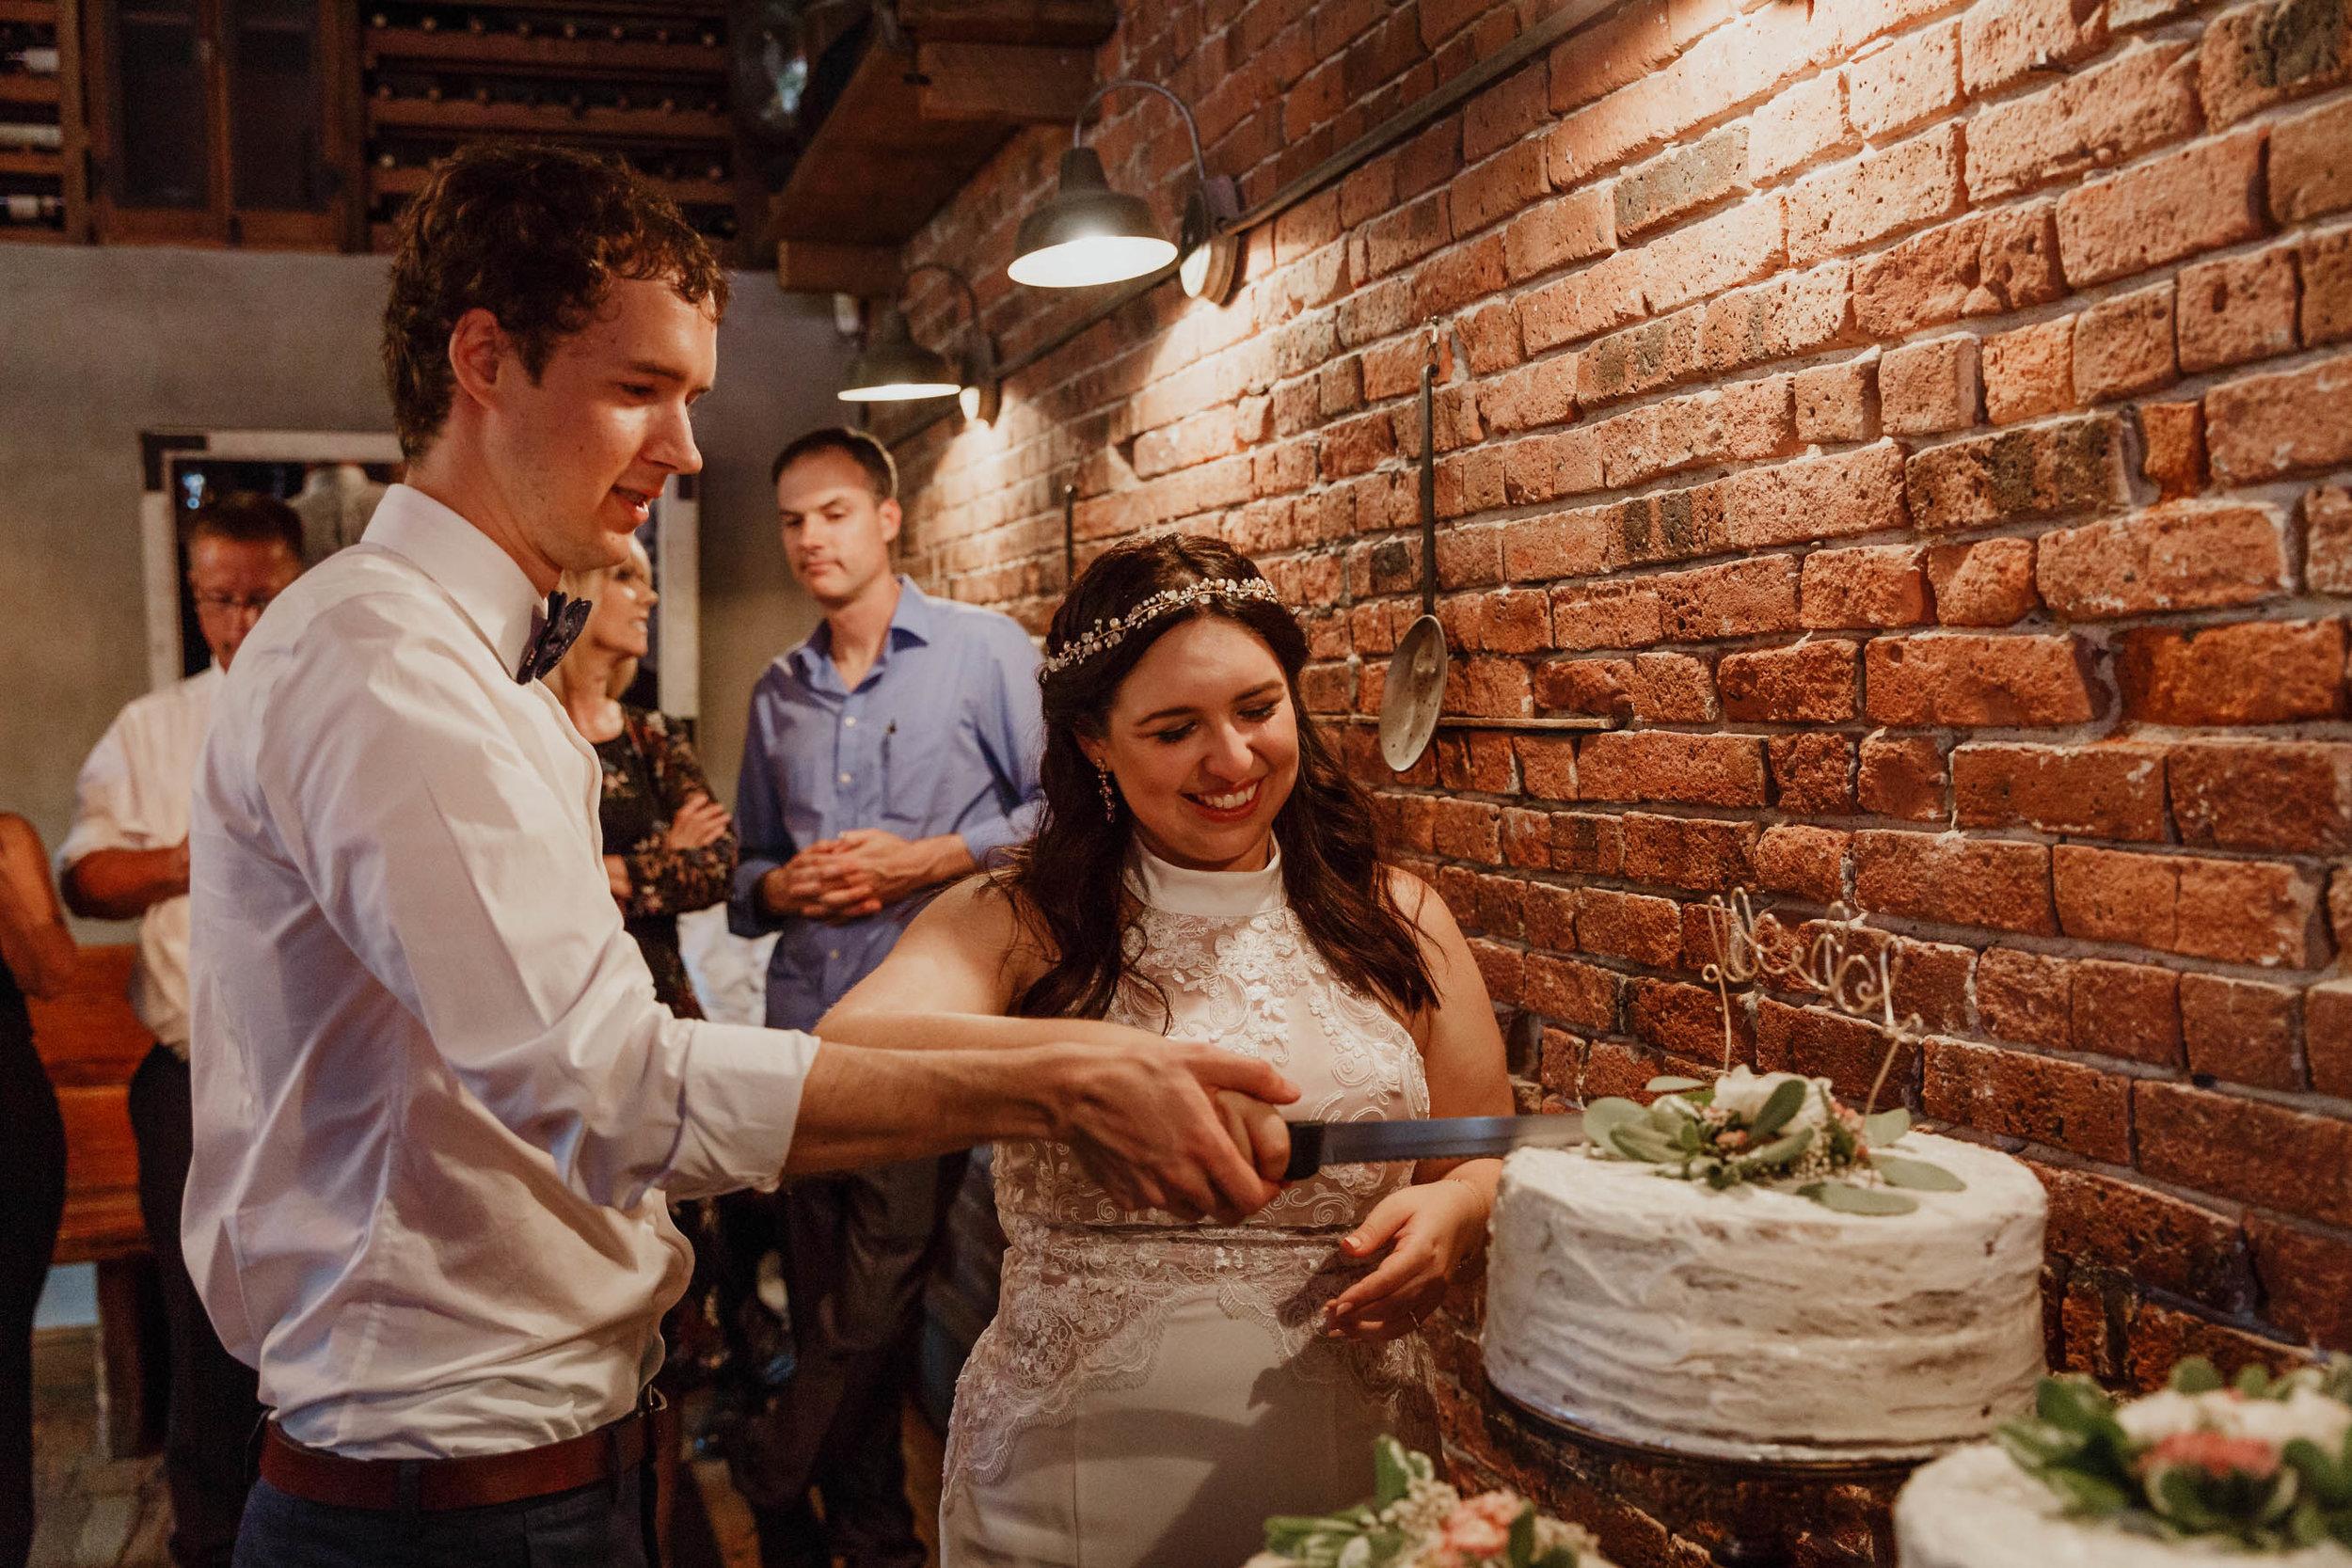 aurora-restaurant-wedding-photographer-elizabeth-tsung-photo-102.jpg